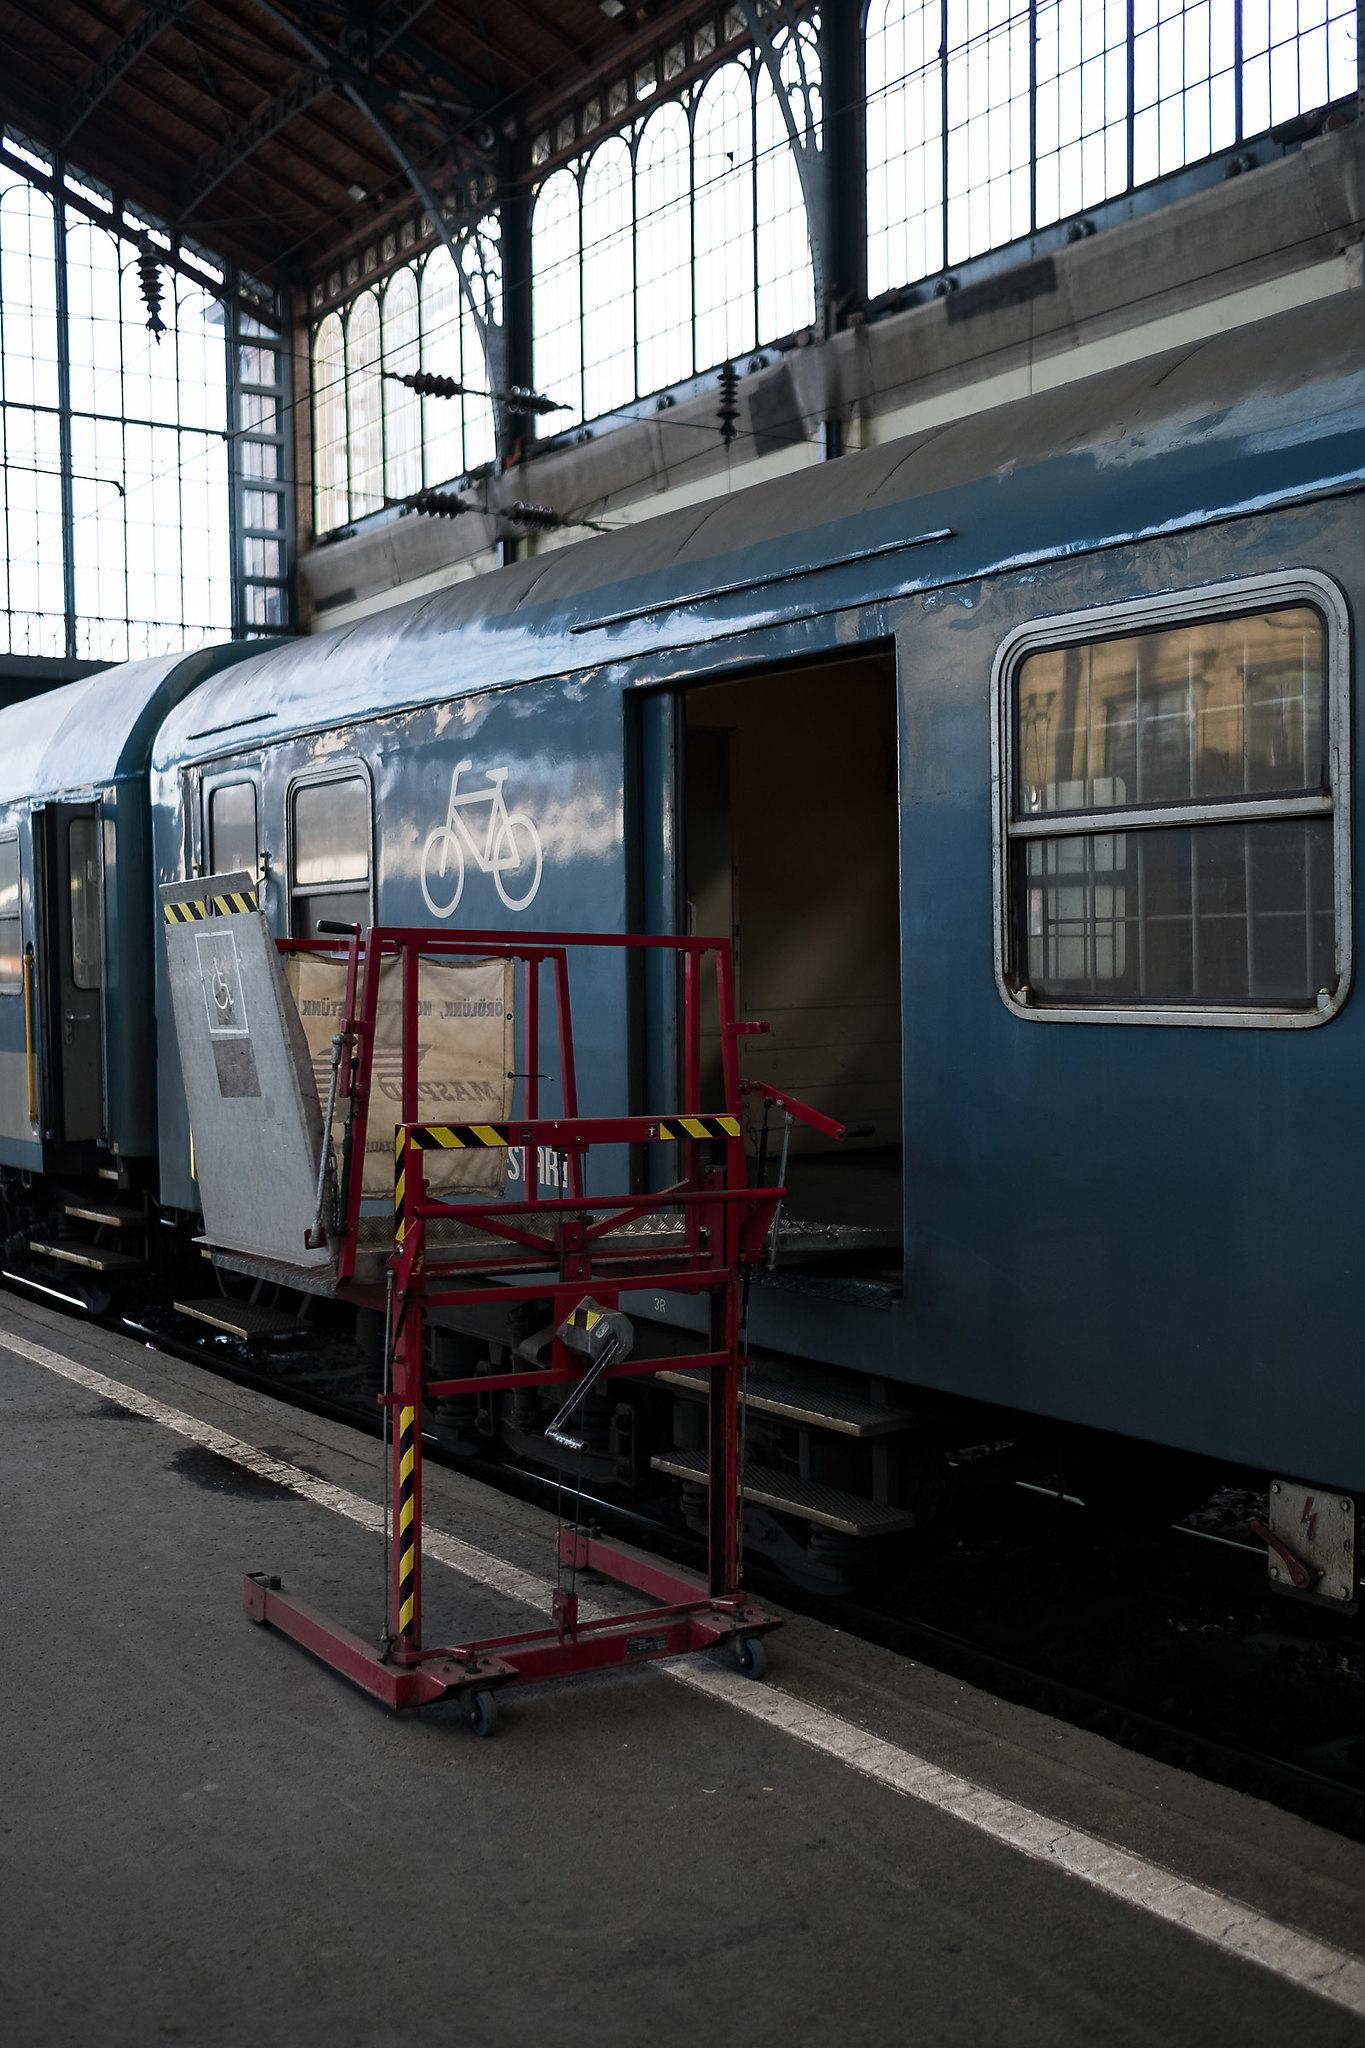 20180104 MÁV Nyugati pályaudvar kerekesszékes emelő szerkezet